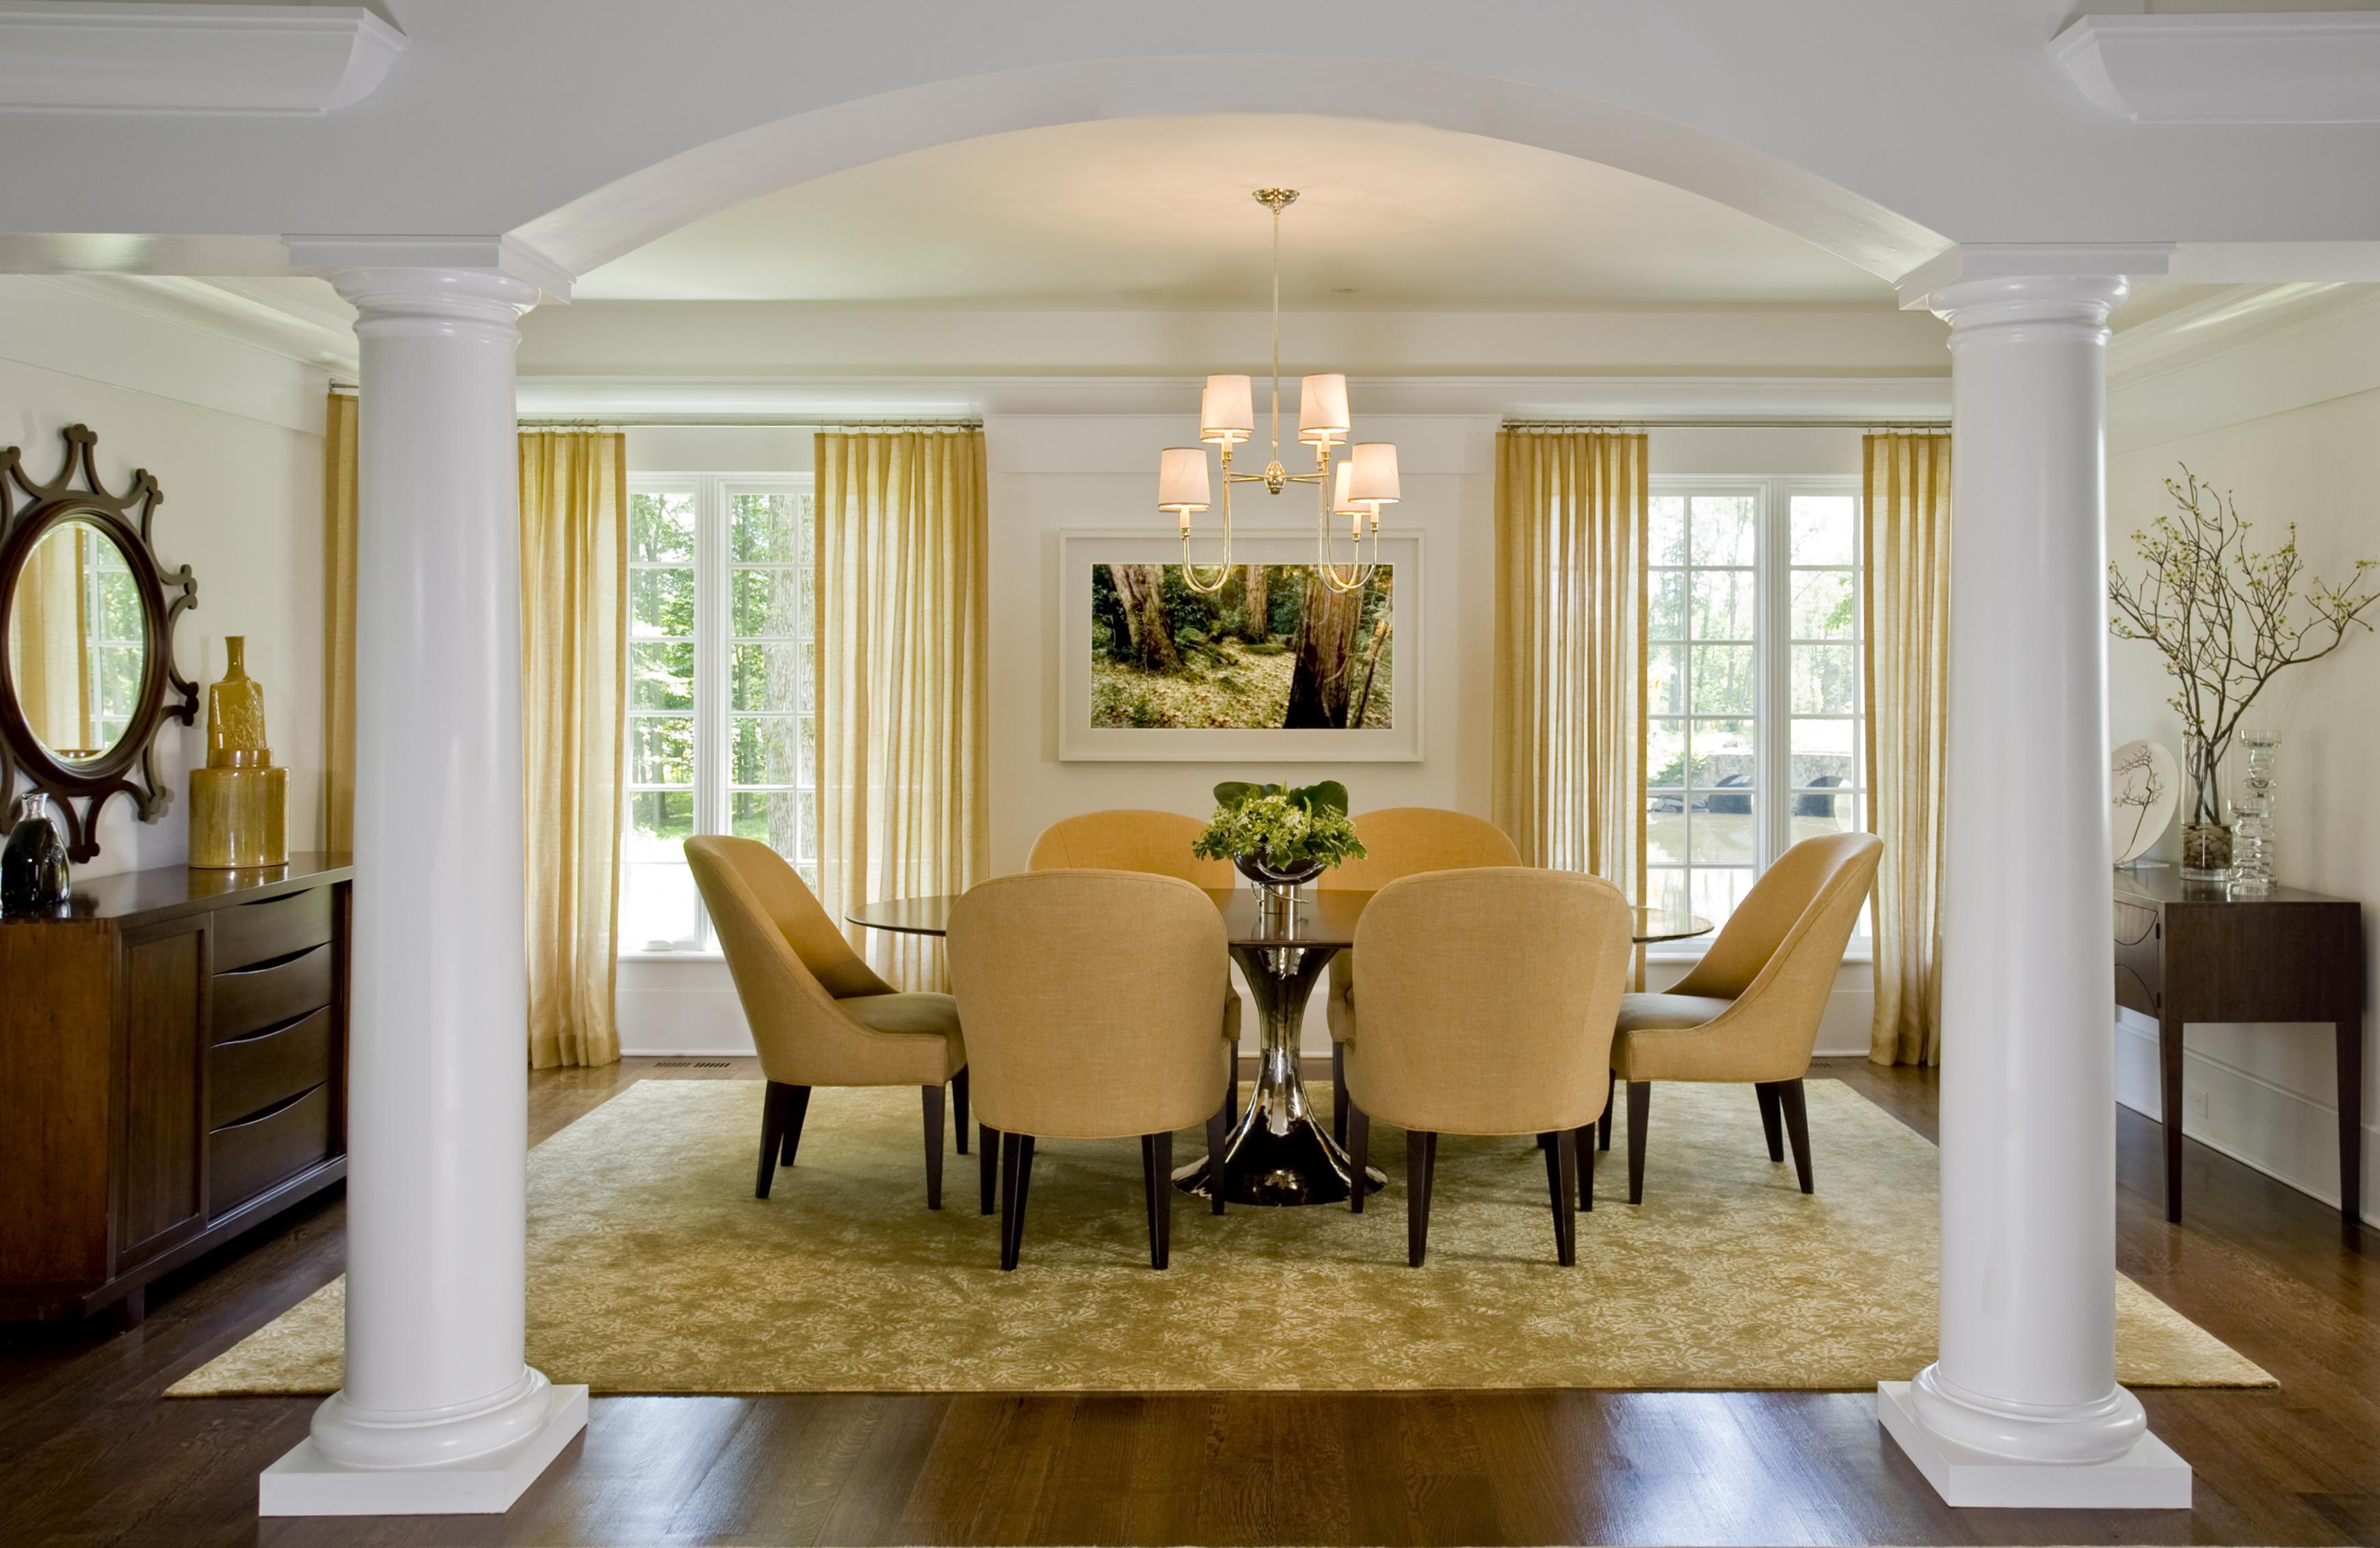 23 Dining Room